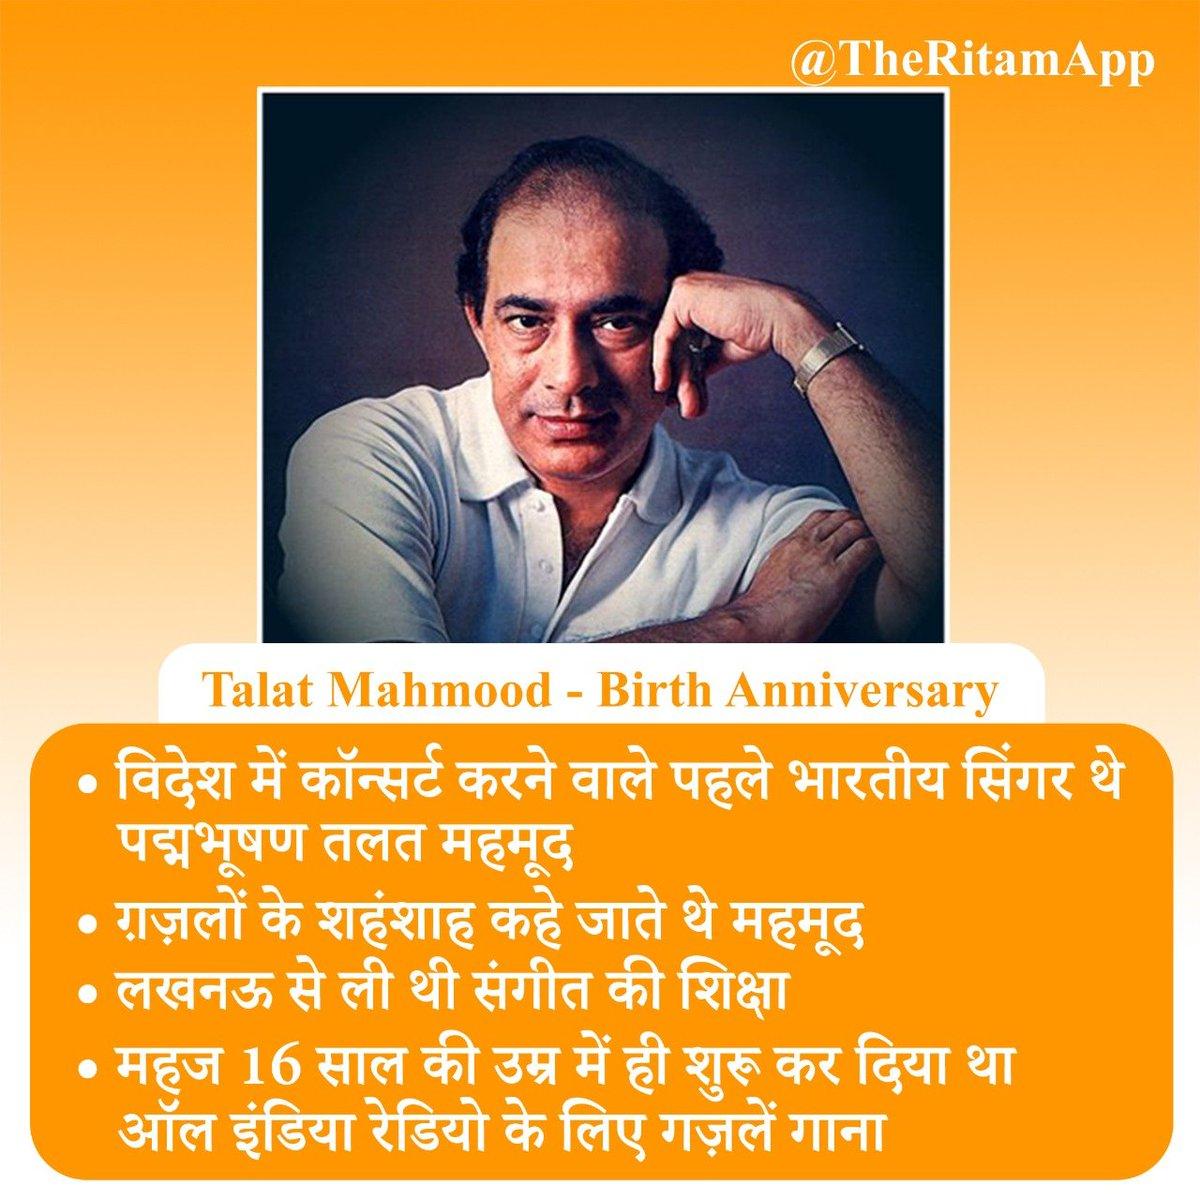 आवाज की लरजिश की वजह से जिन्हें कई बार रिजेक्ट किया गया, तलत की यही लरज़िश आगे चल कर उनके गाने की यूएसपी बन गई. एक और बात, तलत ने कई फिल्मों में तपन कुमार के नाम से भी गीत गाए थे.  हिंदी फिल्मों में अनिल विश्वास ने दिया था ब्रेक  DOWNLOAD:#RitamApp